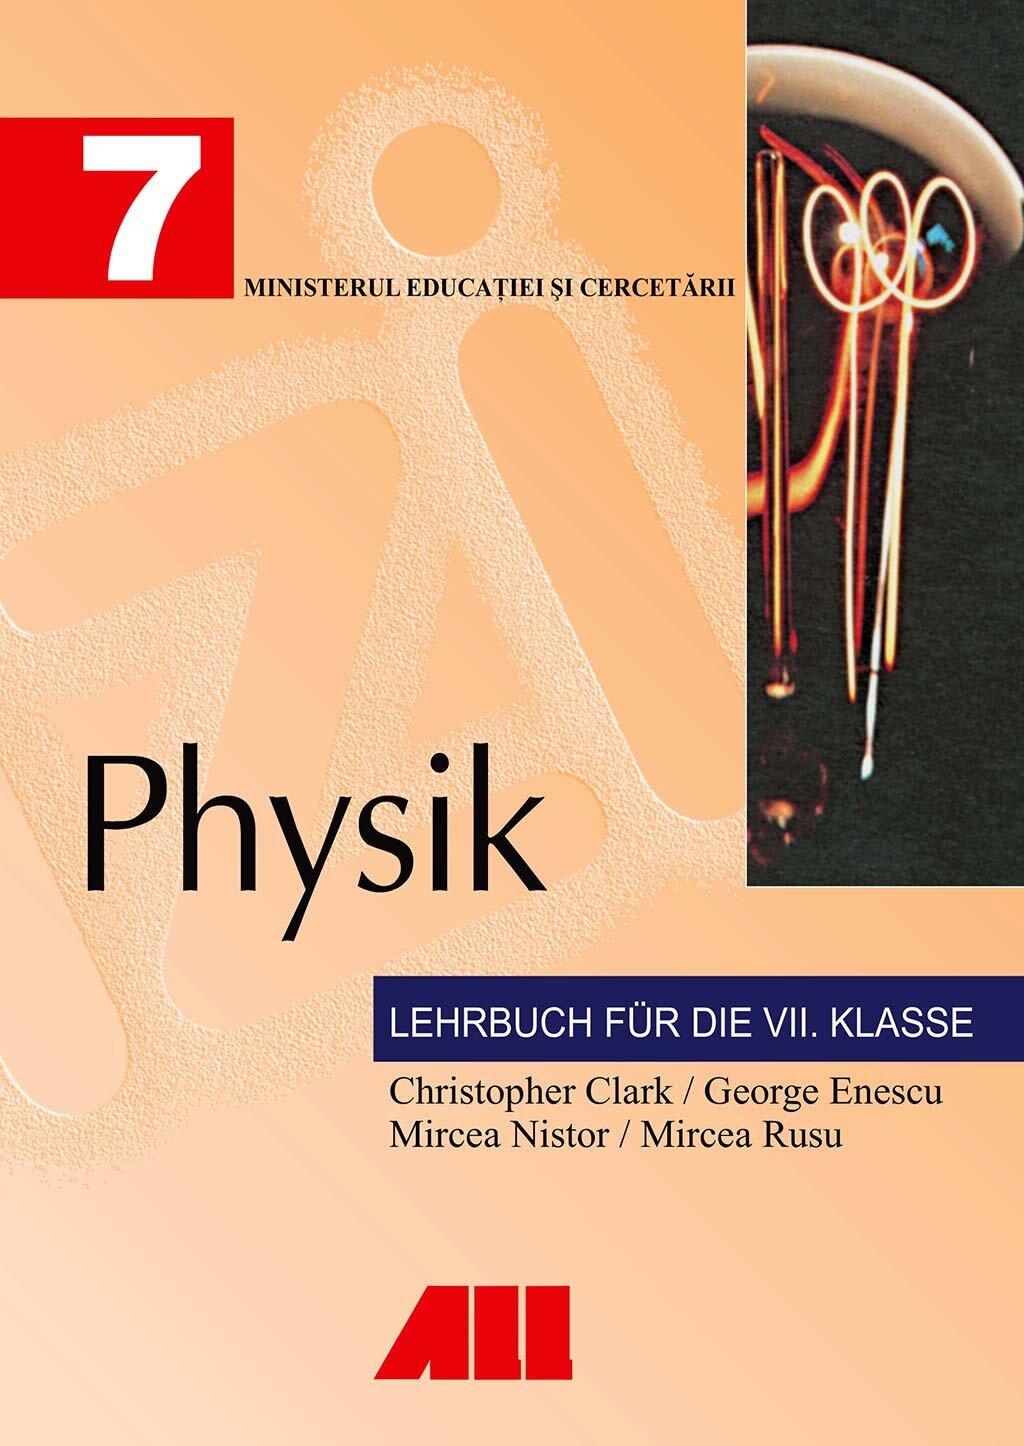 Physik. Lehrbuch fur die VII. Klasse (eBook)